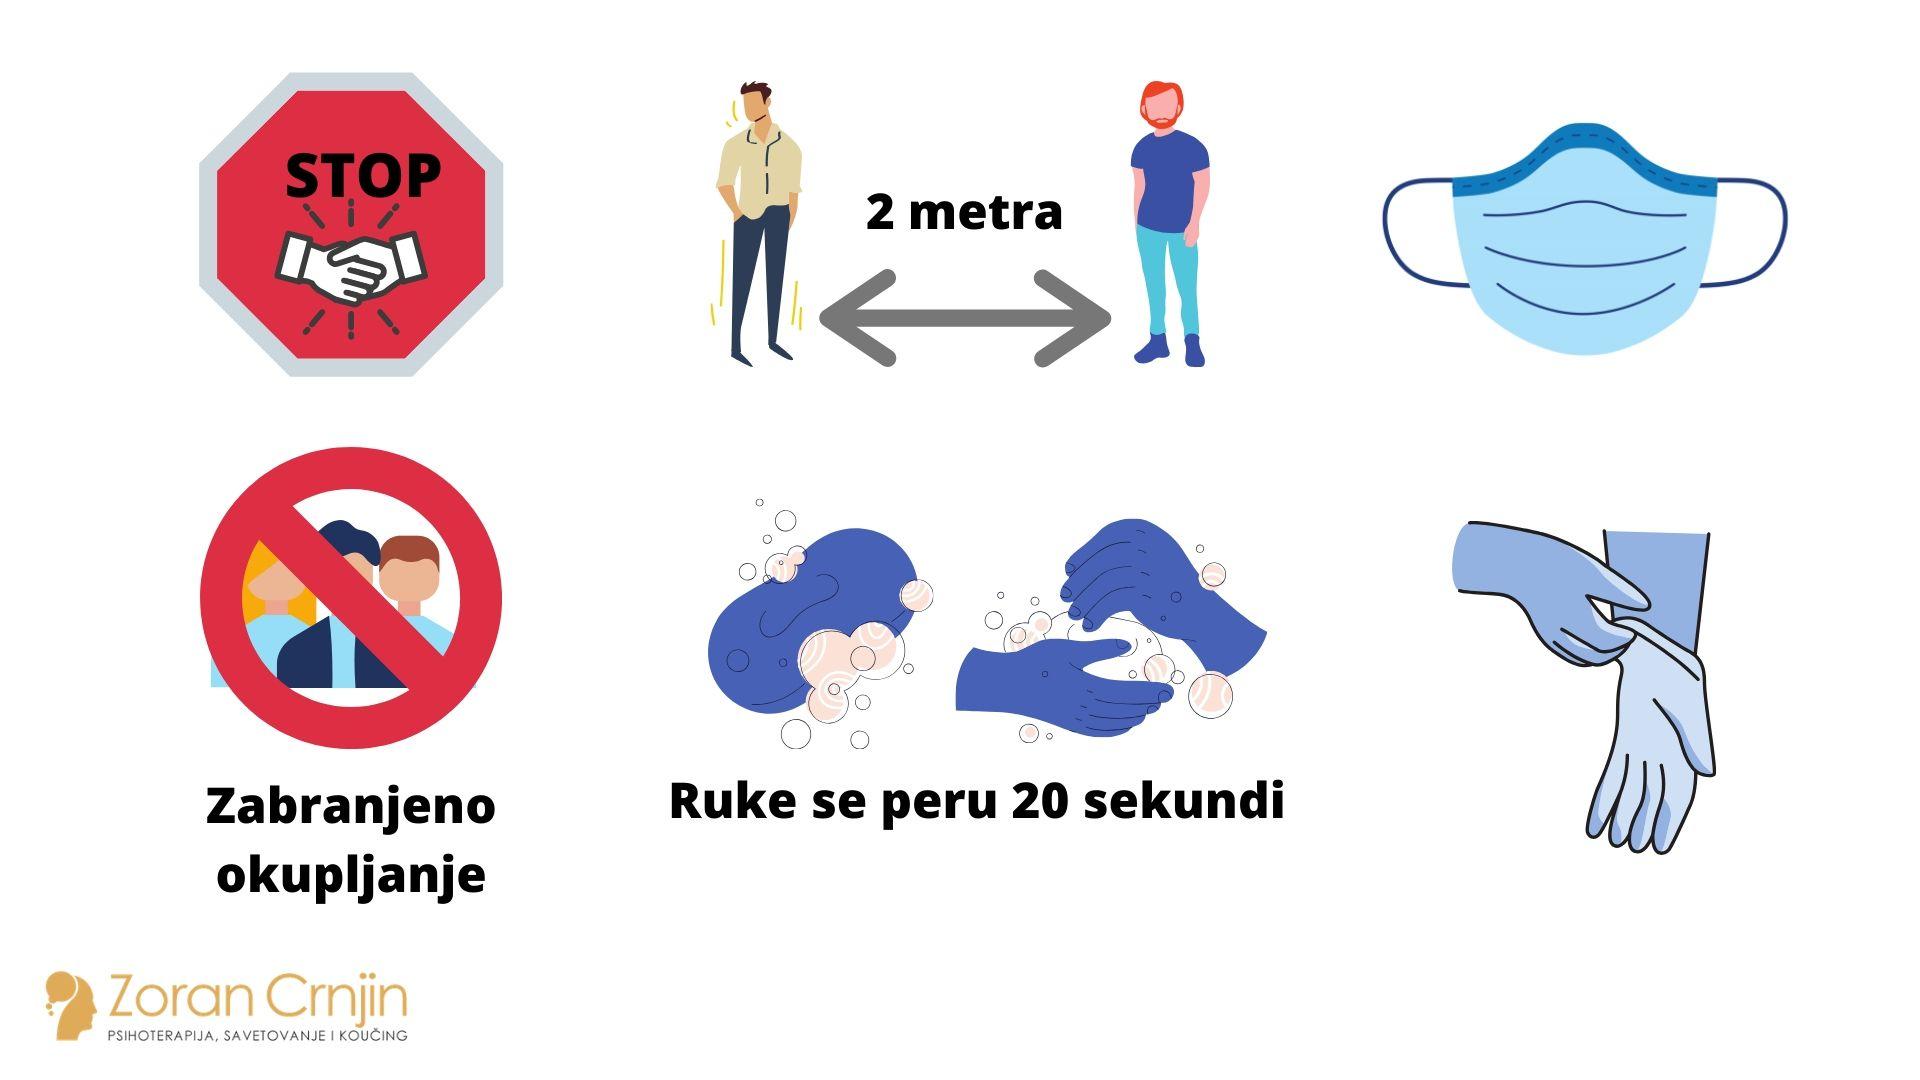 Graficko objasnjenje Korona virusa